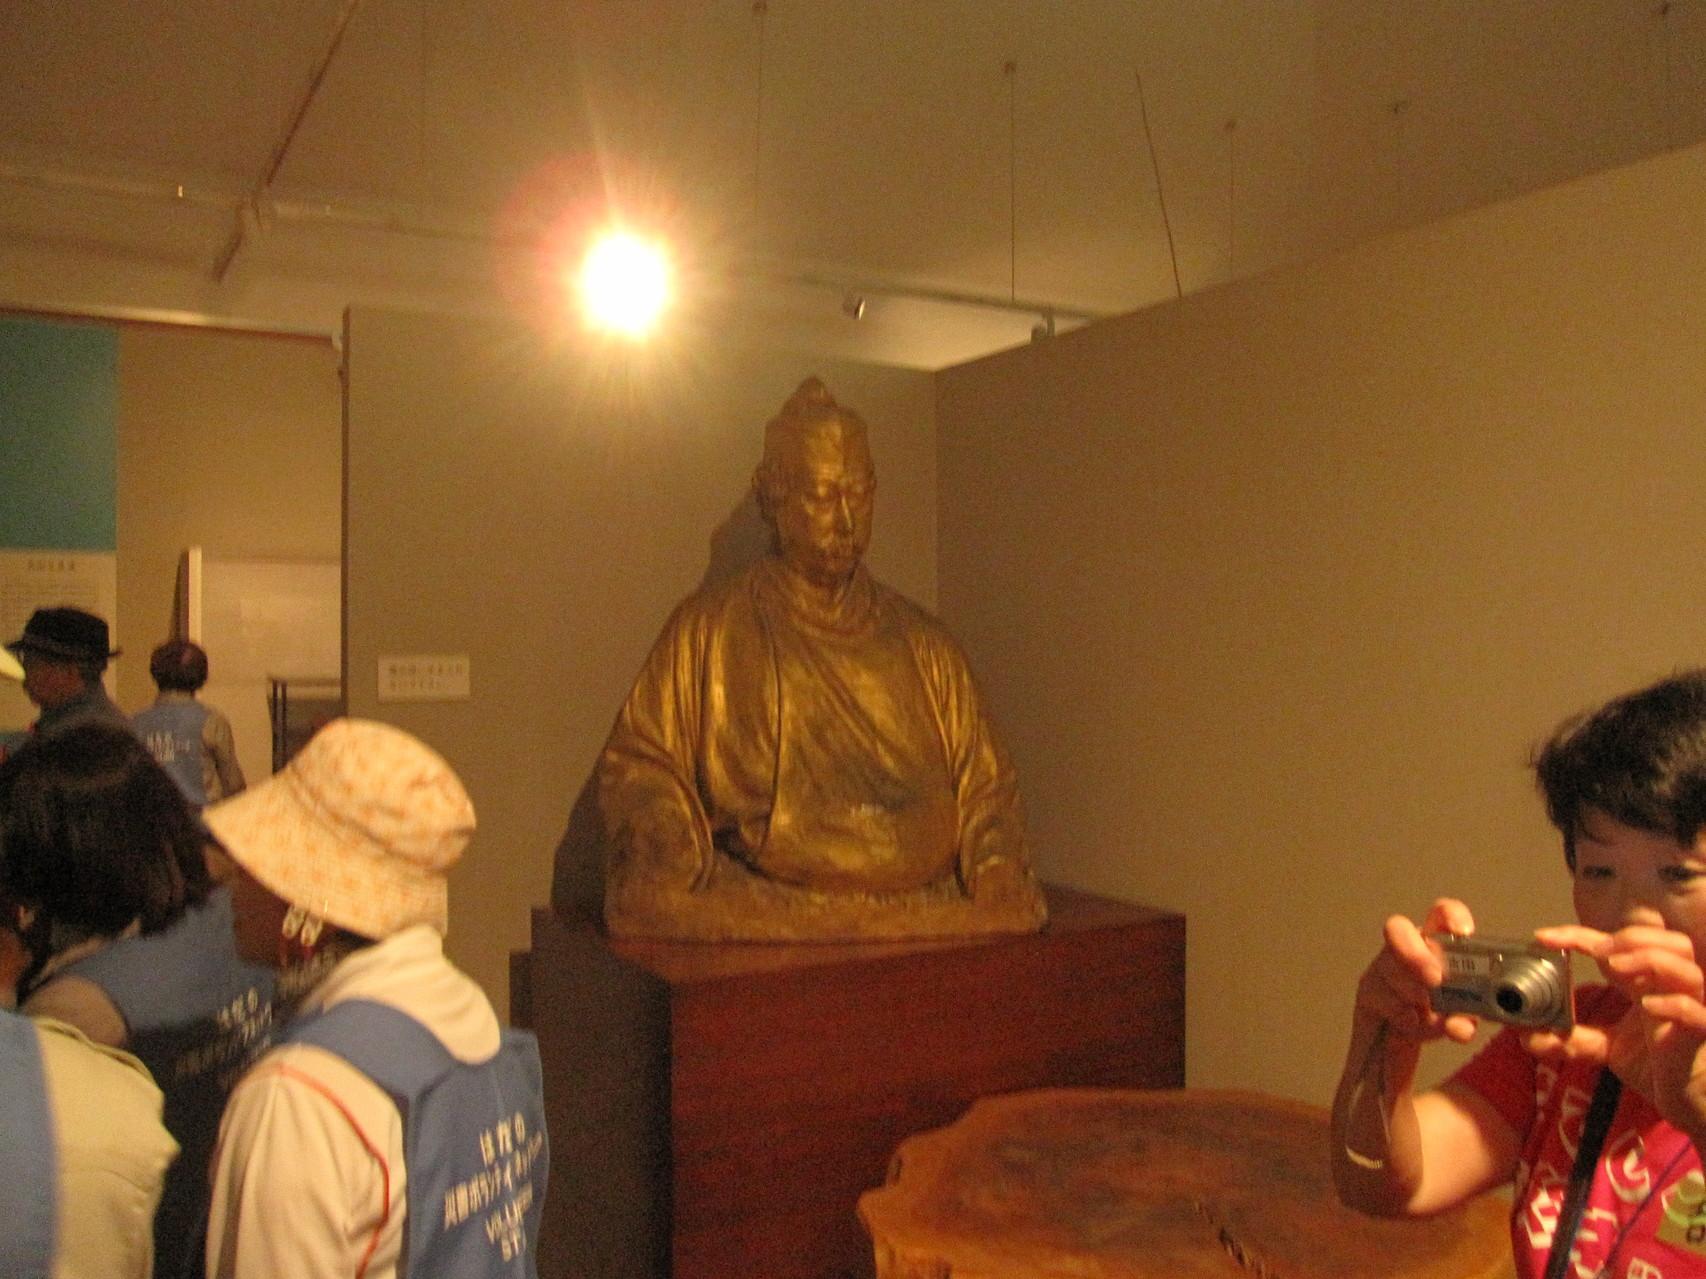 岡倉天心の像(天心記念館)